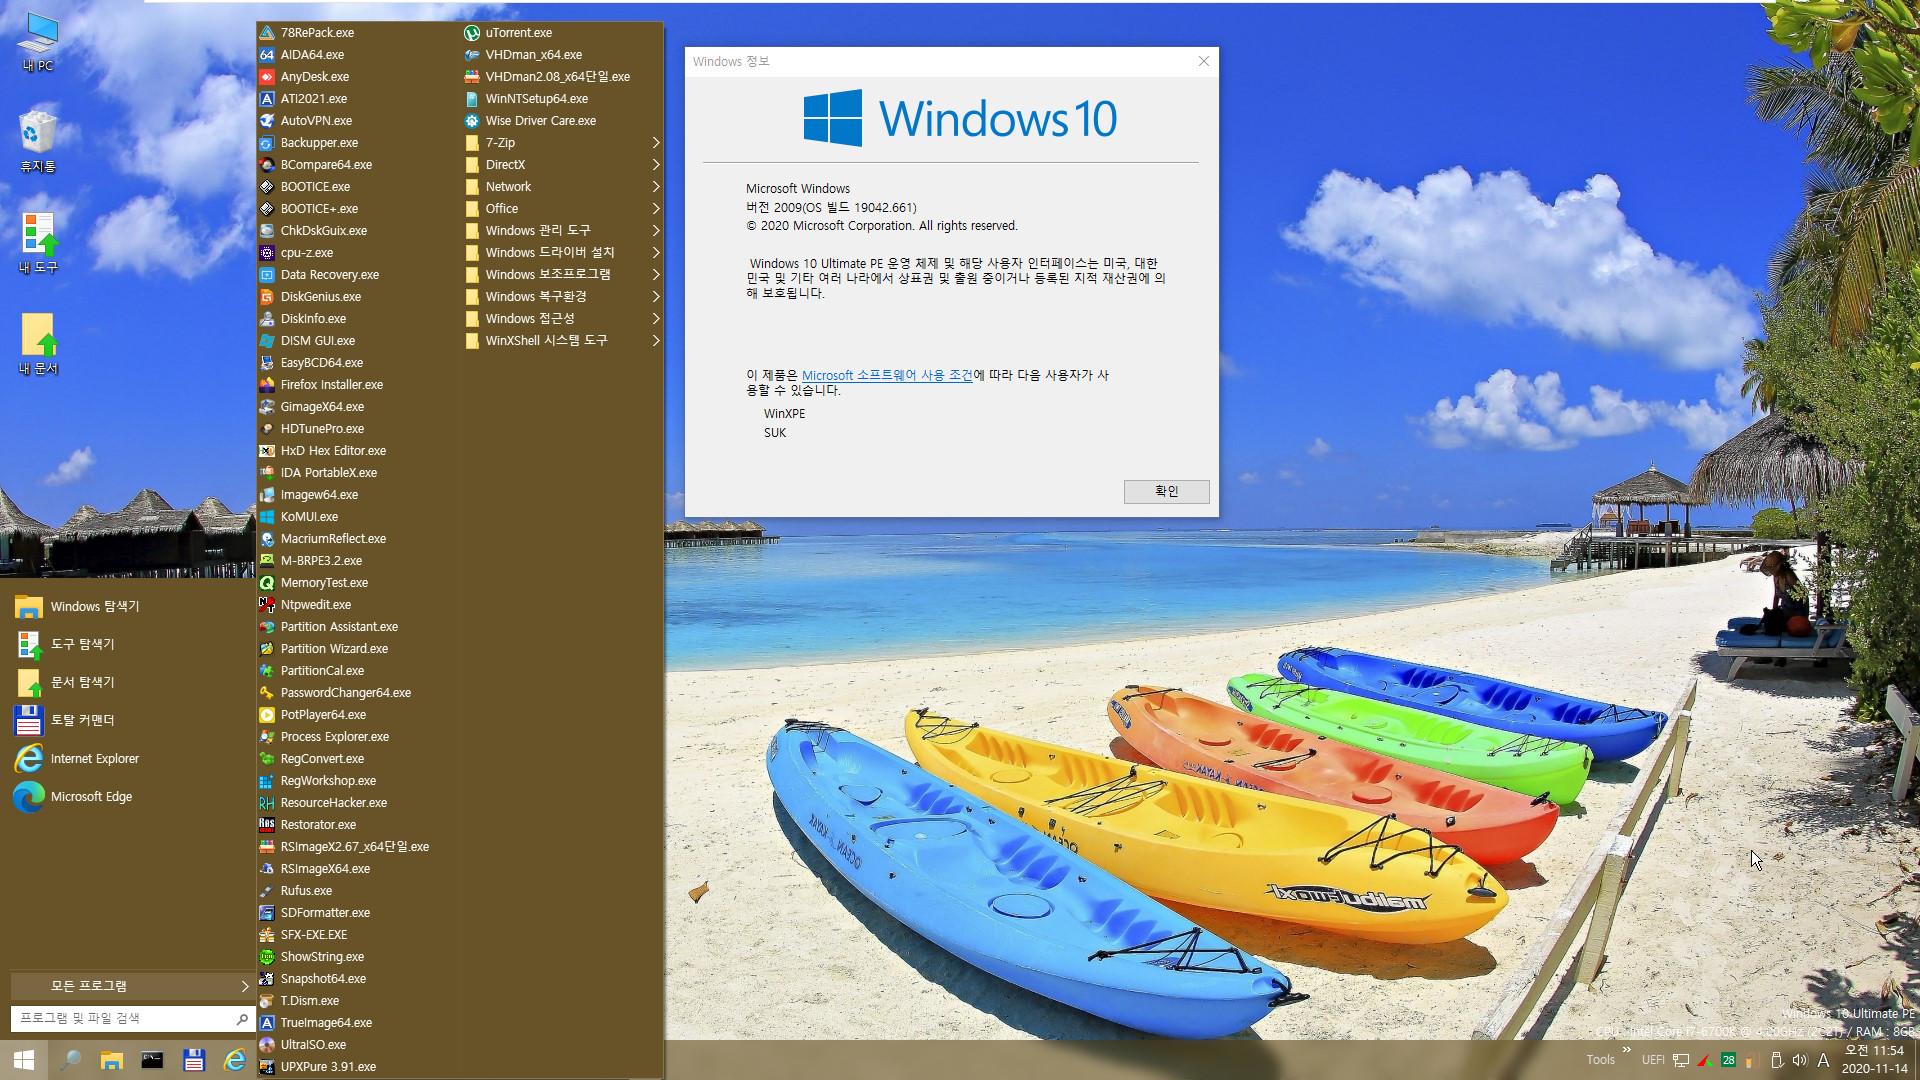 2020-11-14 토요일 [프리뷰] 통합 PRO x64 2개 - Windows 10 버전 2004 + 버전 20H2 누적 업데이트 KB4586853 (OS 빌드 19041.661 + 19042.661) v2 - PE 만들기 테스트 2020-11-14_115432.jpg